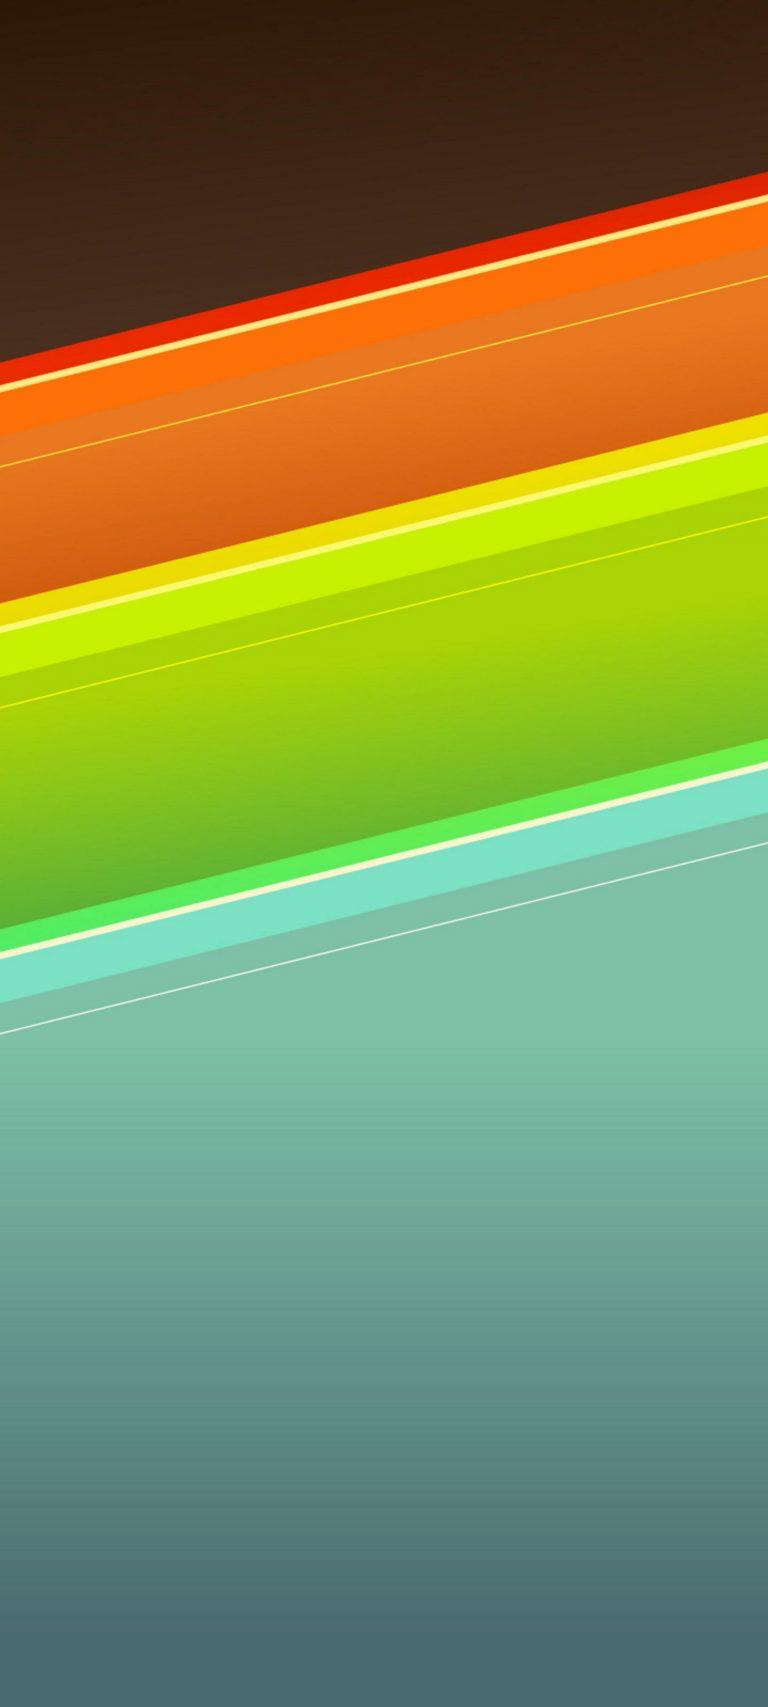 1440x3200 HD Wallpaper 101 768x1707 - 1440x3200 HD Wallpaper - 101